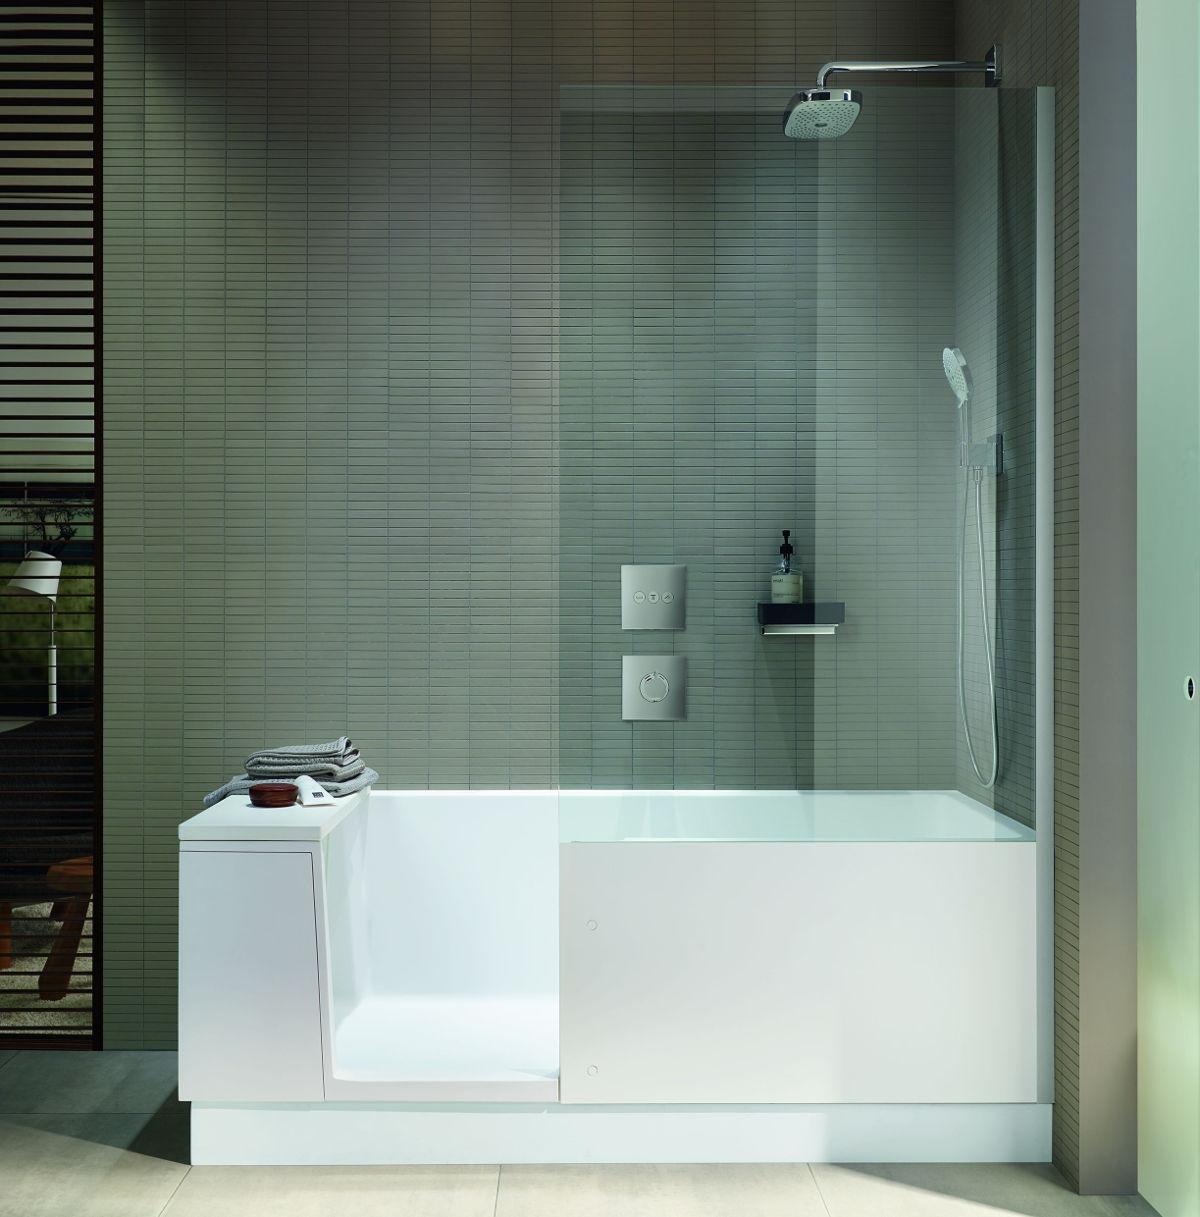 Połączenie wanny i brodzika Shower & Bath marki Duravit